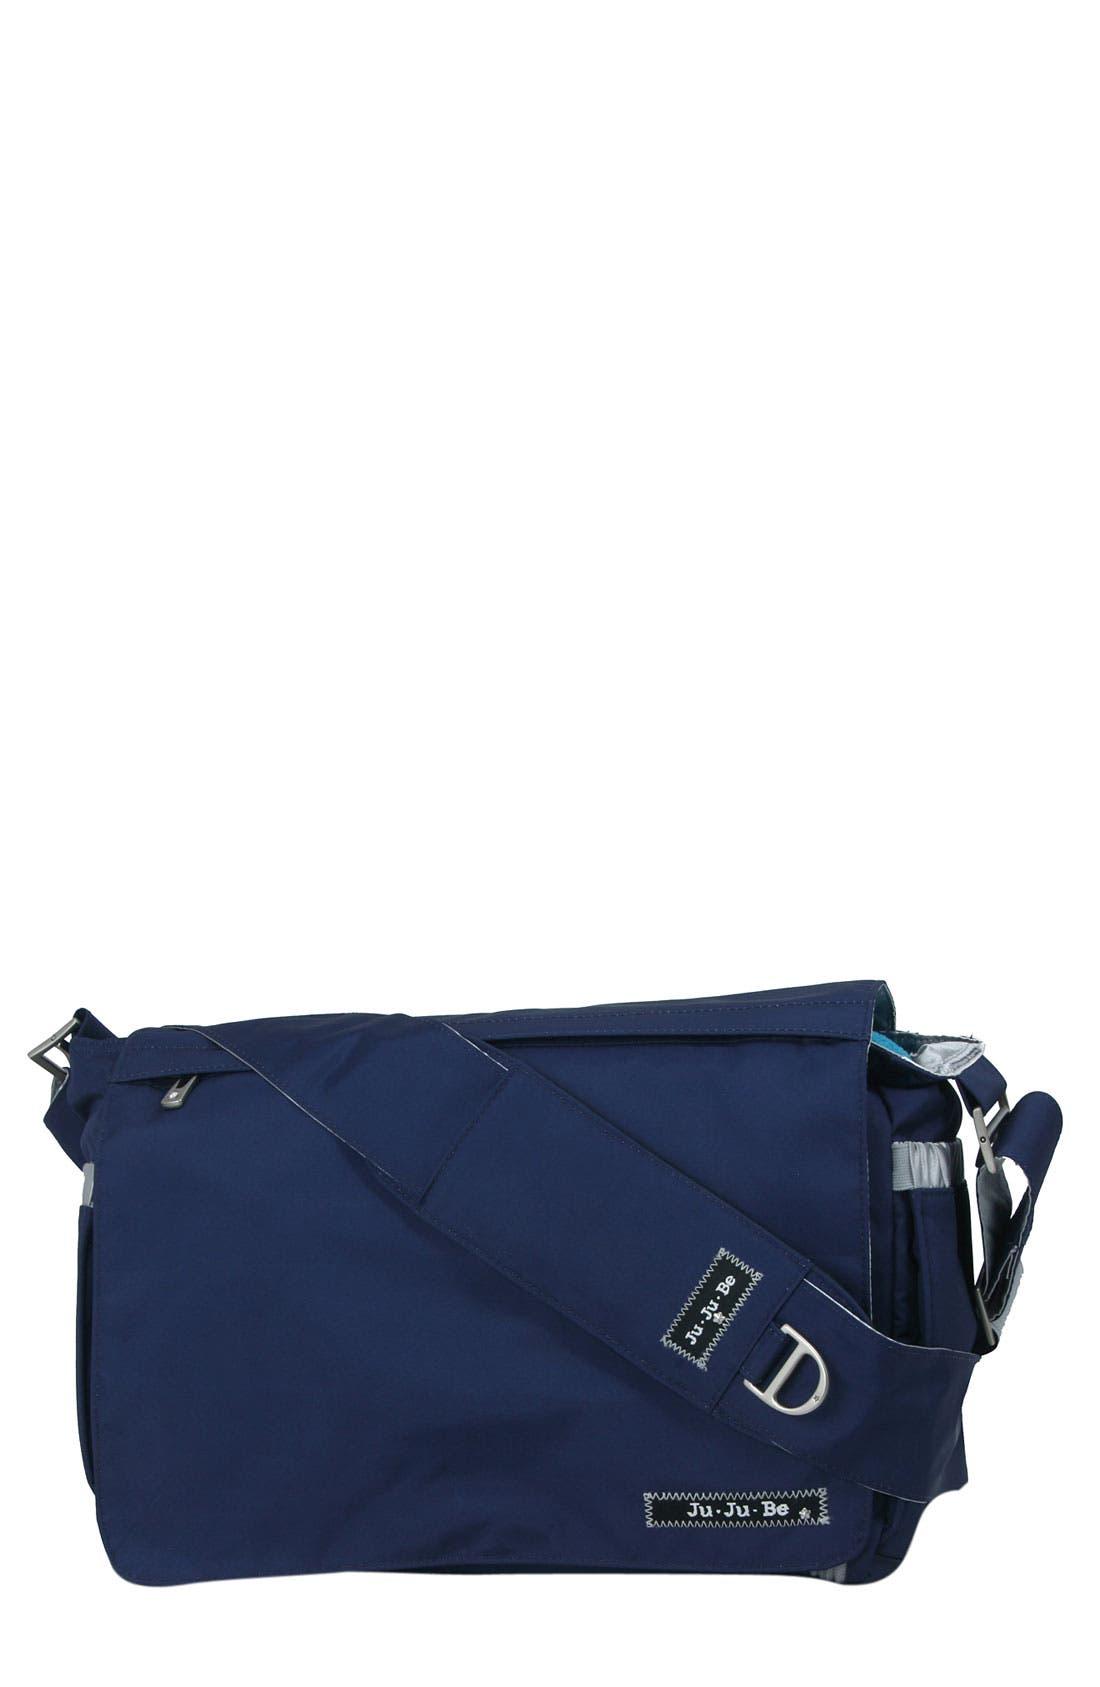 Main Image - Ju-Ju-Be 'Be All' Diaper Bag